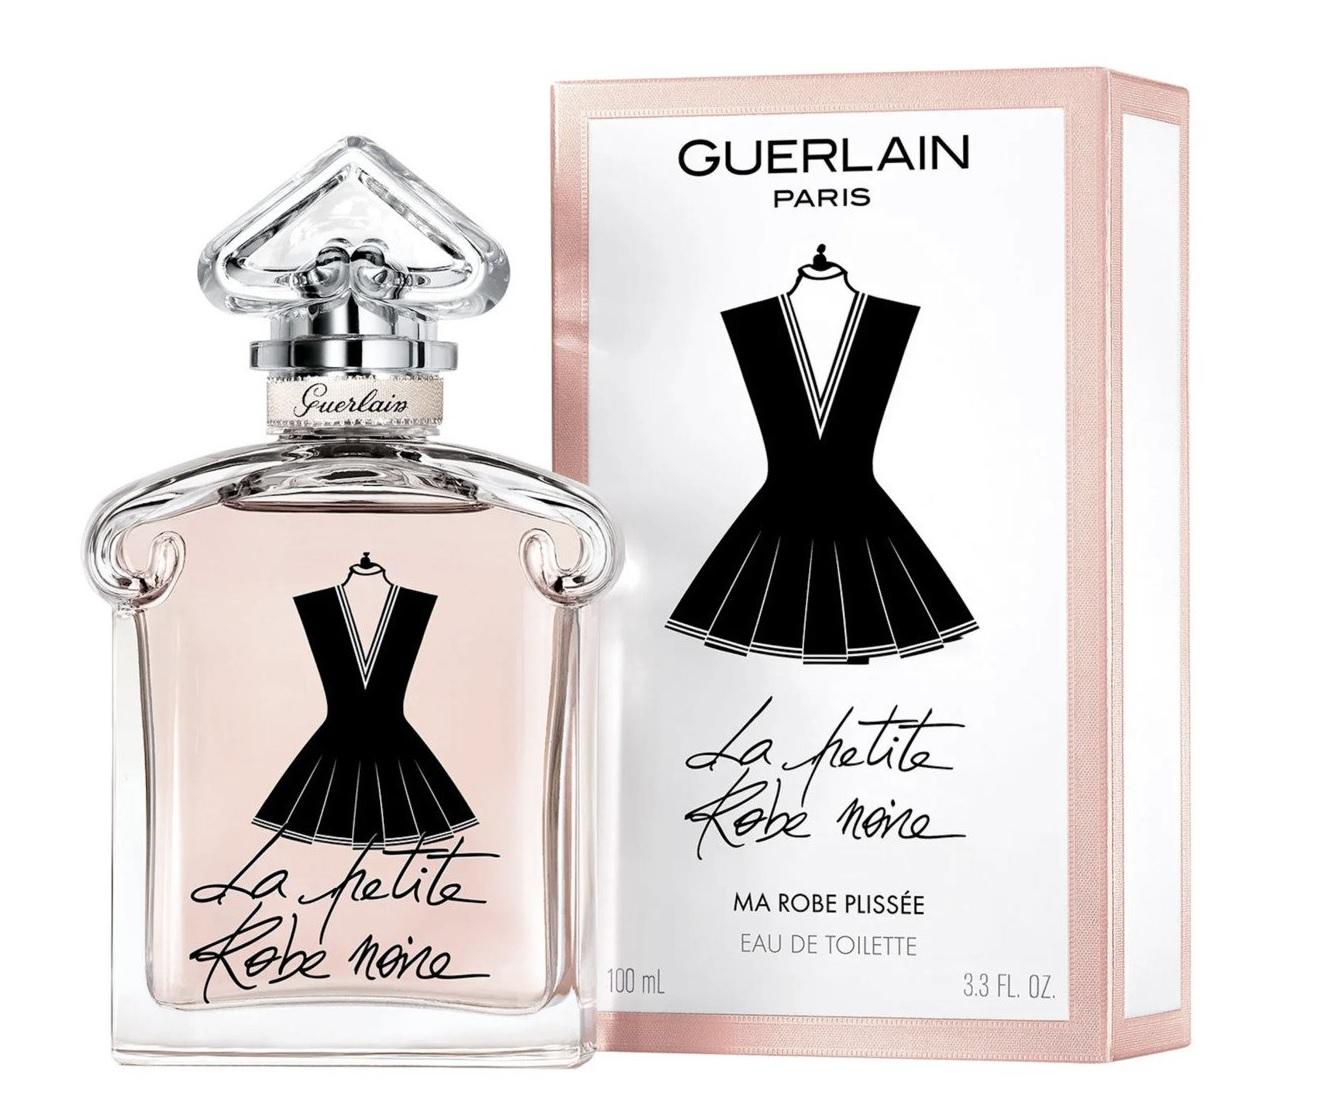 La Petite Robe Noire Plissée Guerlain parfum - un nouveau parfum pour femme  2019